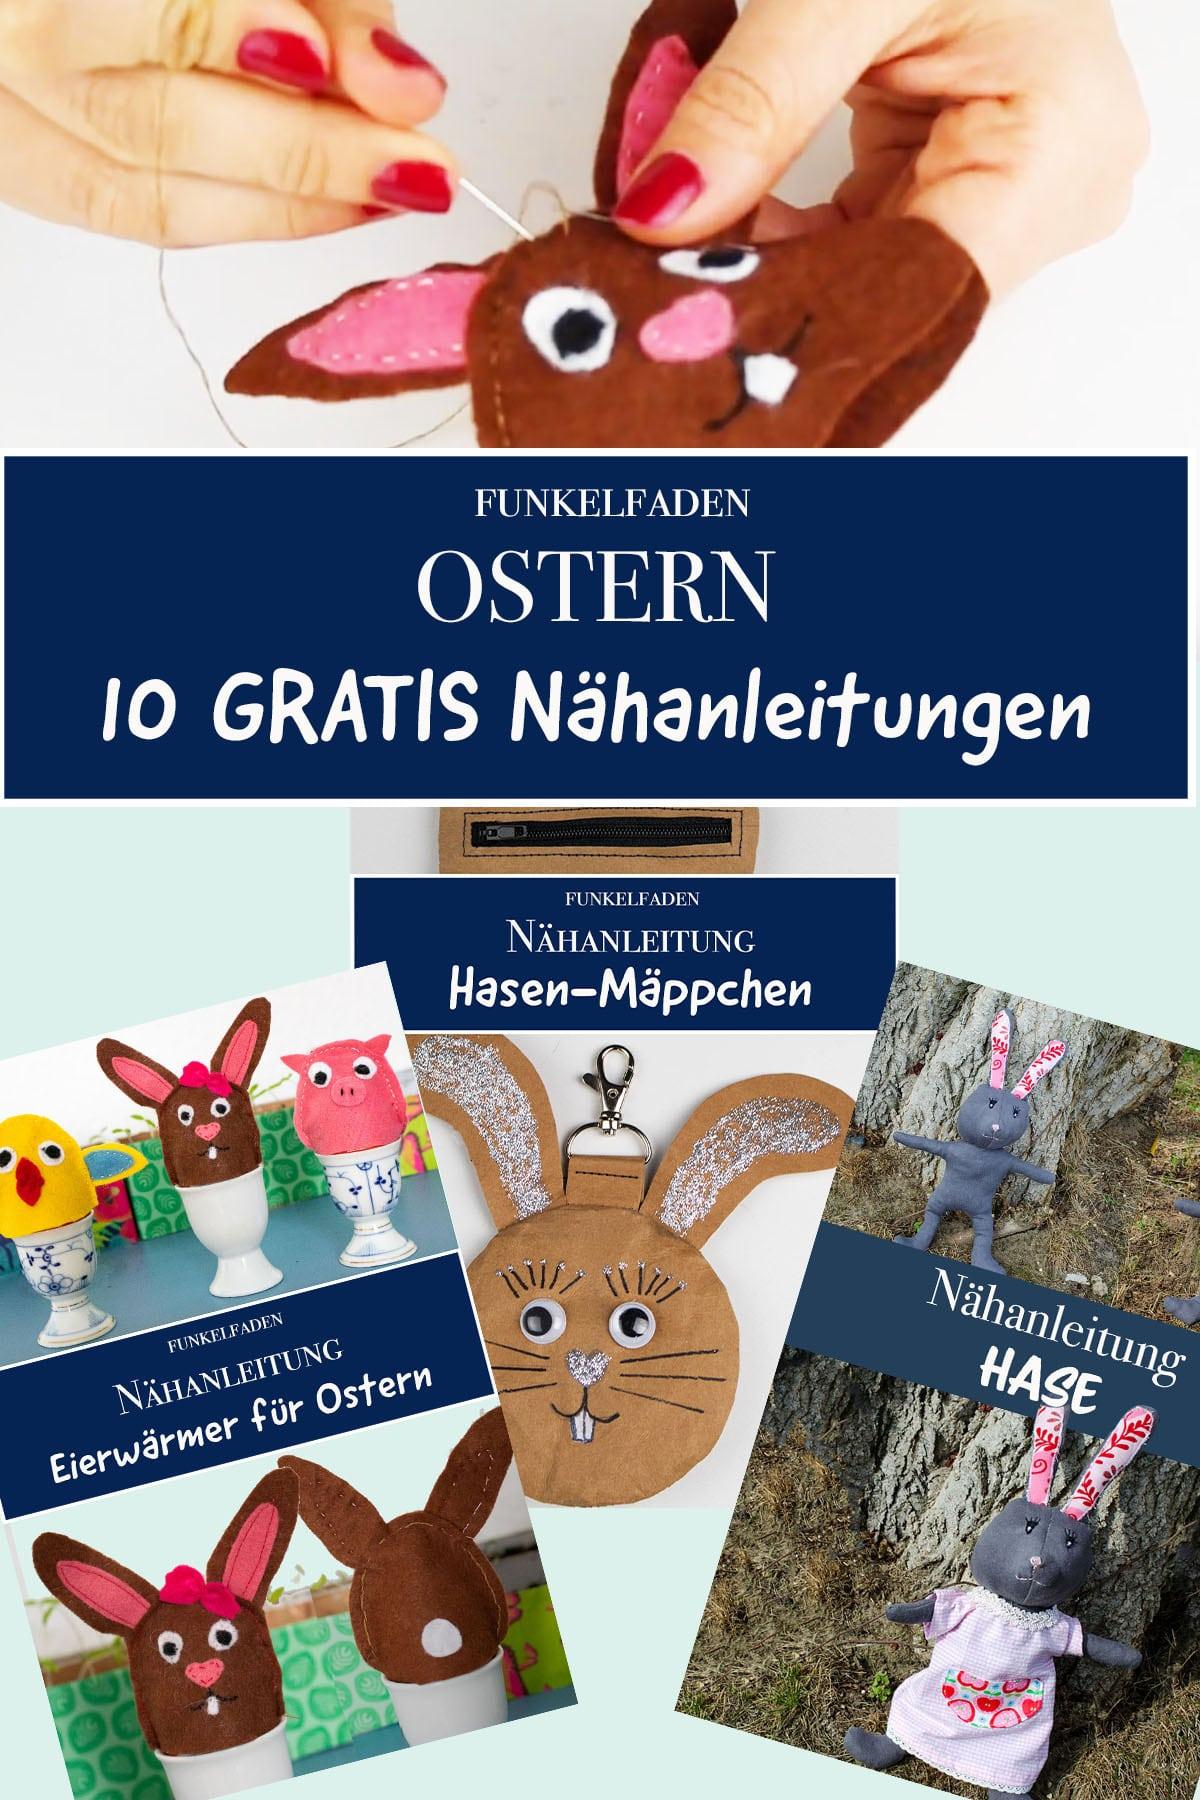 Nähen für Ostern - 10 Gratis Nähanleitungen zu Ostern